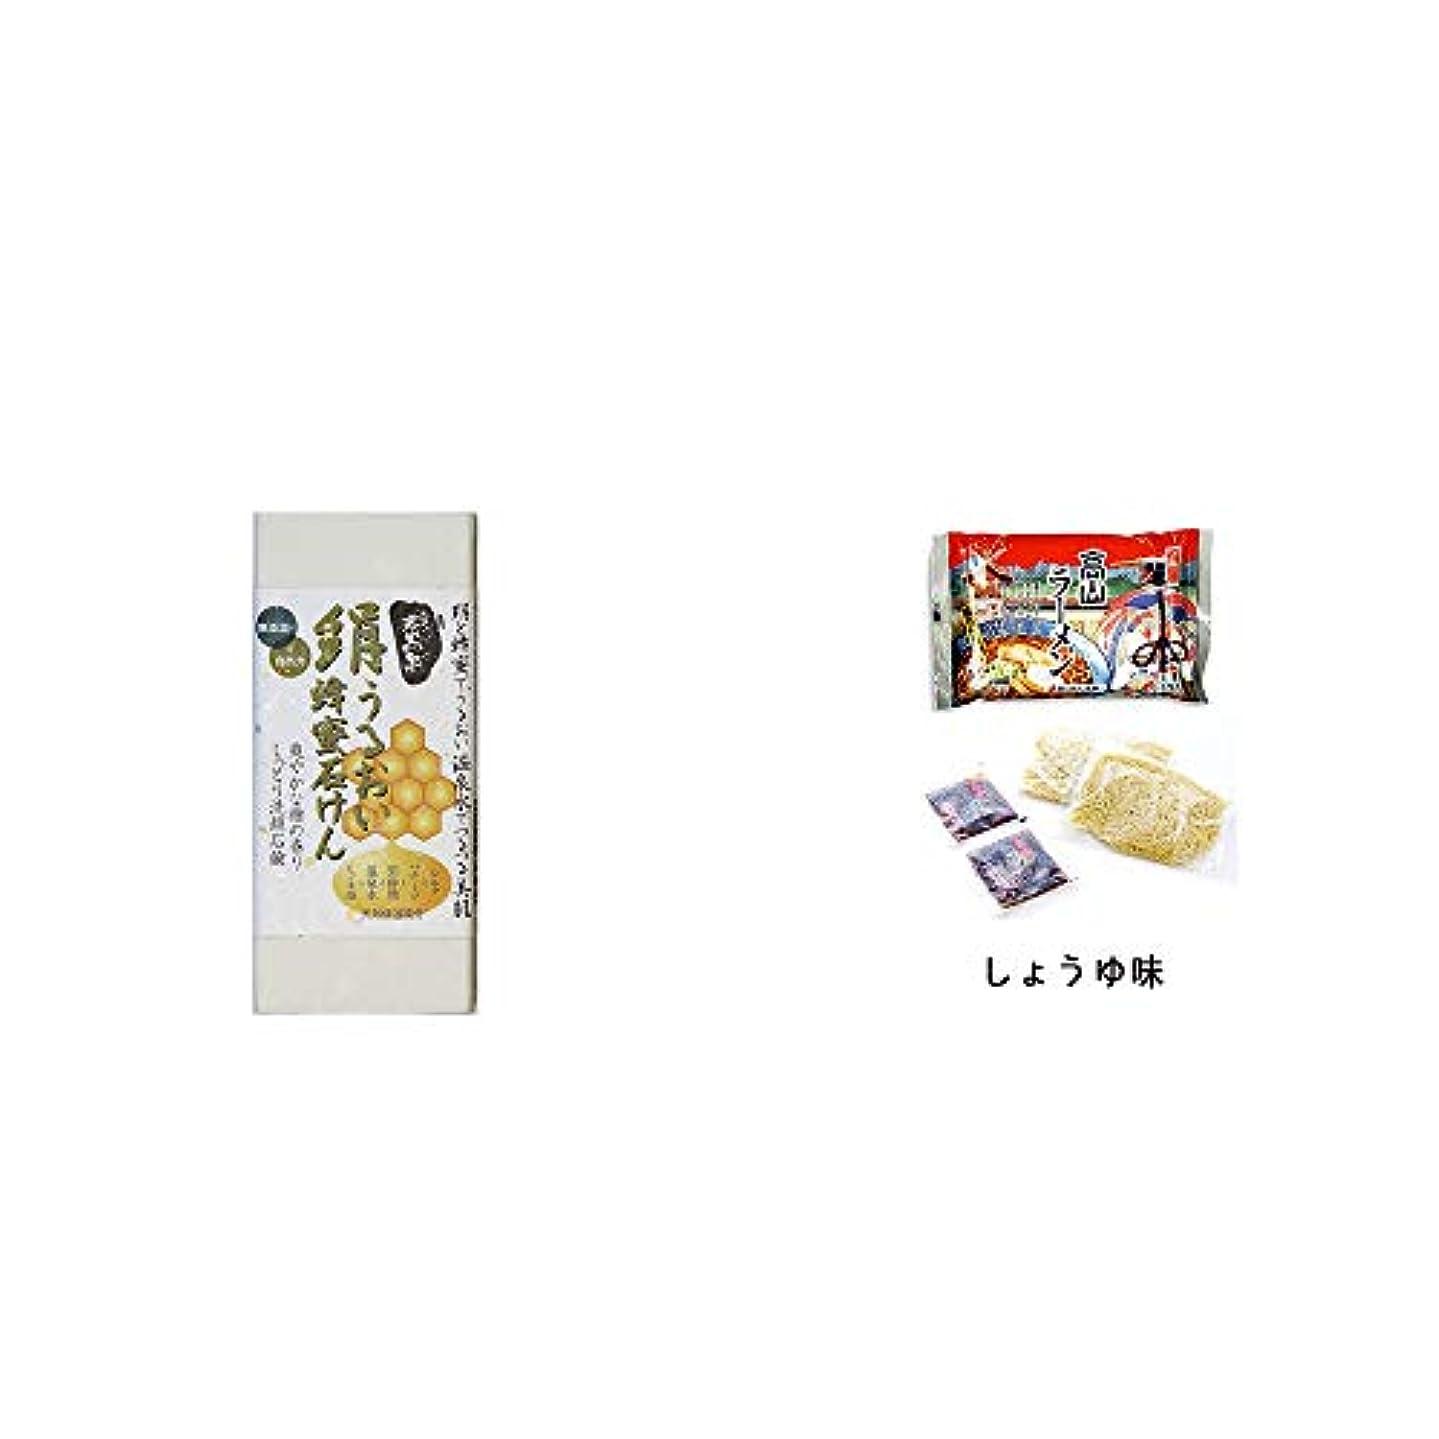 親愛な確率刃[2点セット] ひのき炭黒泉 絹うるおい蜂蜜石けん(75g×2)?飛騨高山ラーメン[生麺?スープ付 (しょうゆ味)]